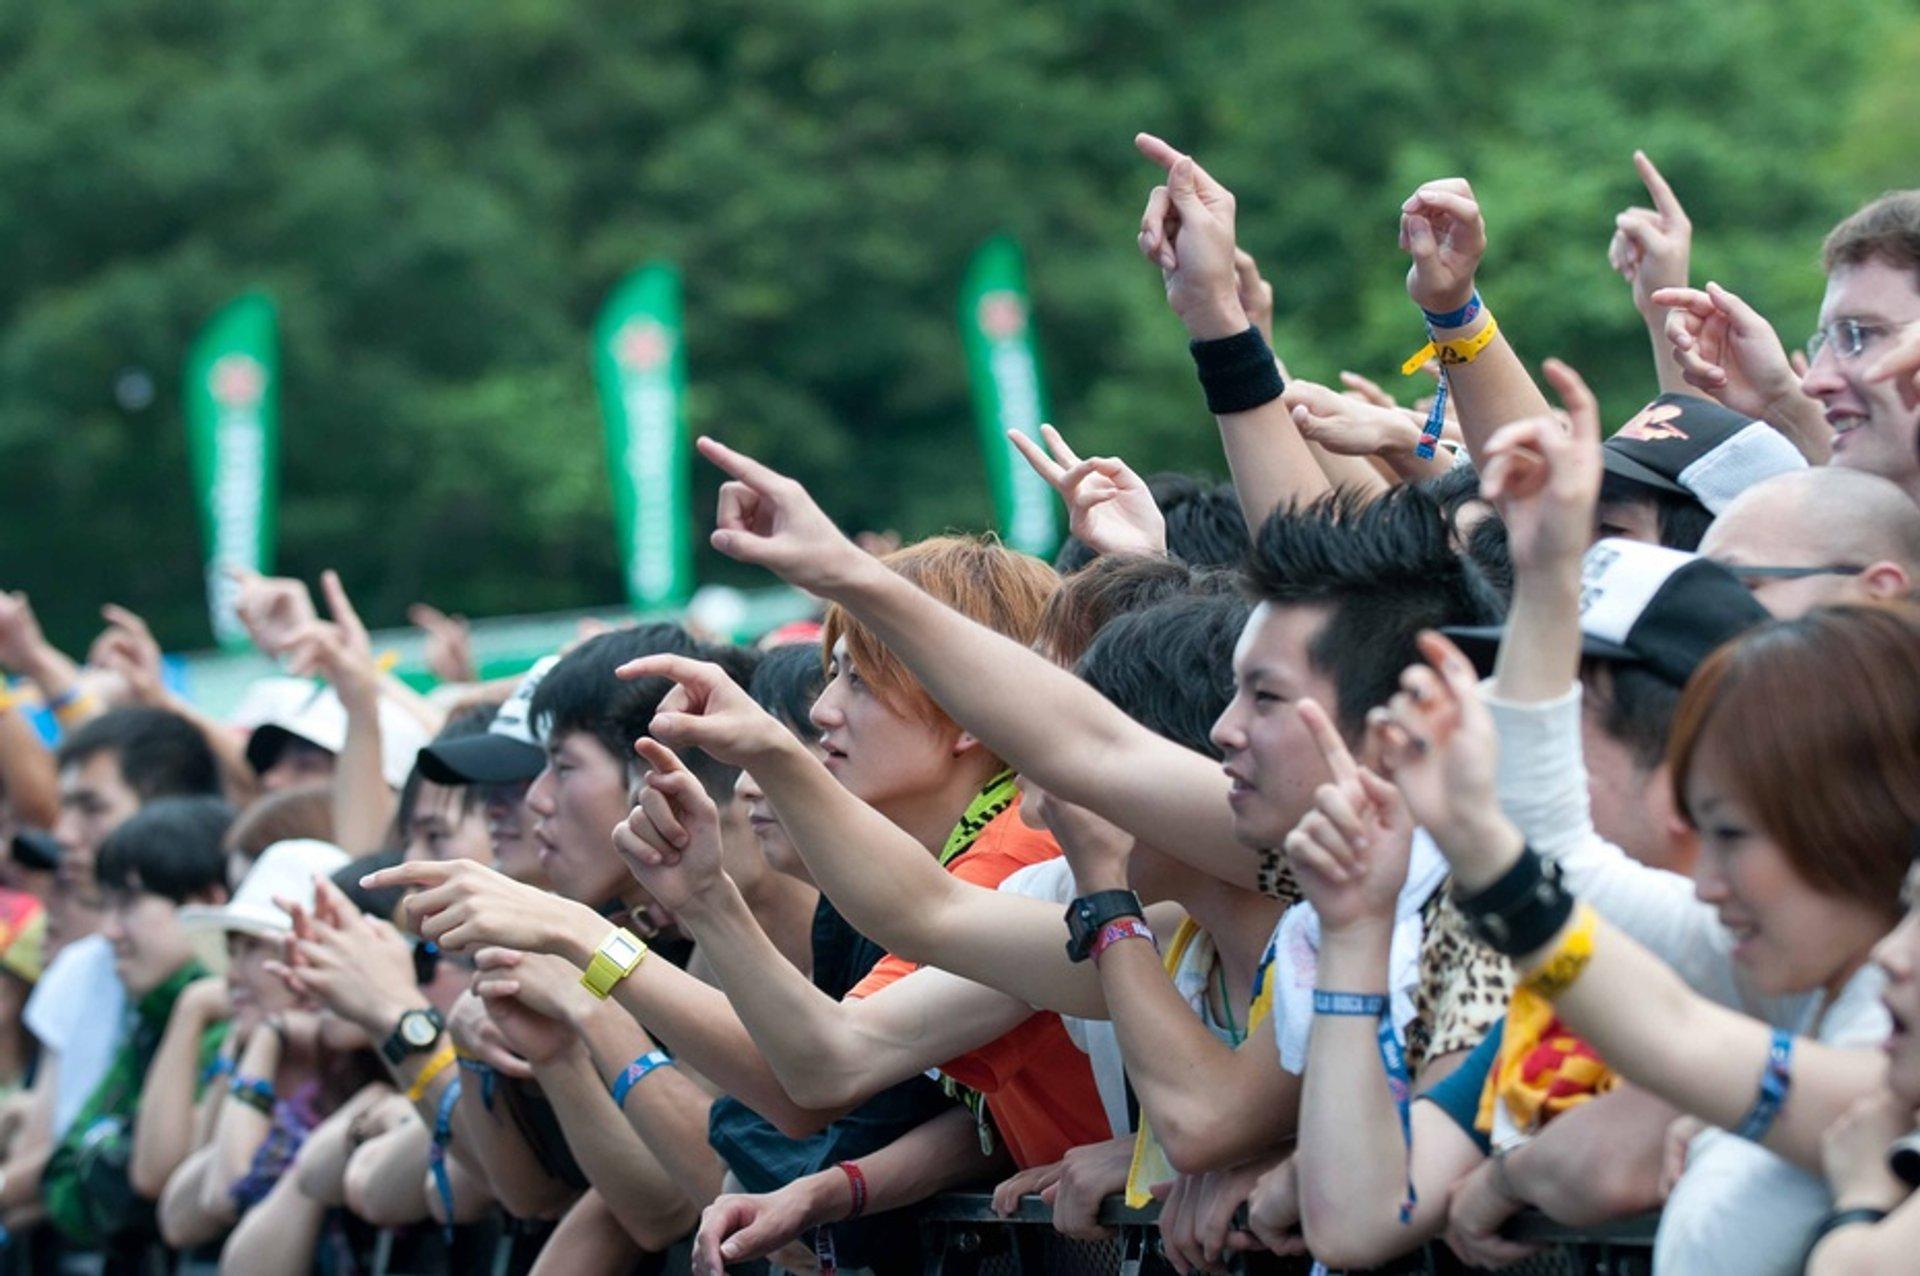 Fuji Rock Festival in Japan 2020 - Best Time